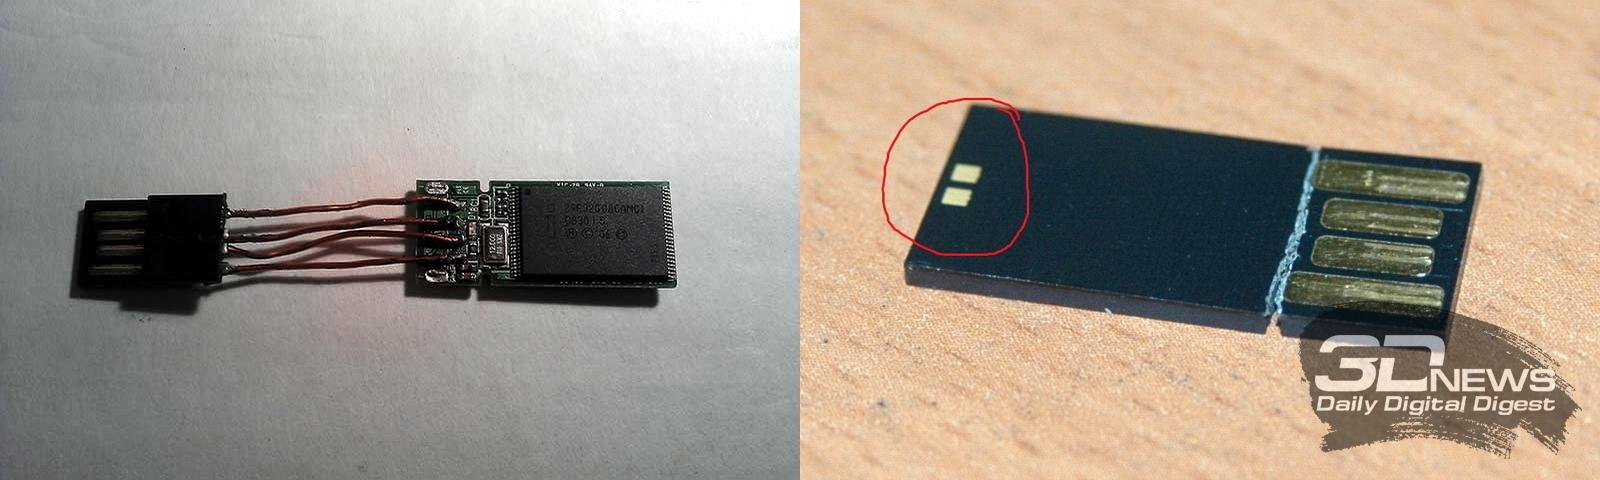 Что сделать, чтобы определялся lumia 800 как флешка